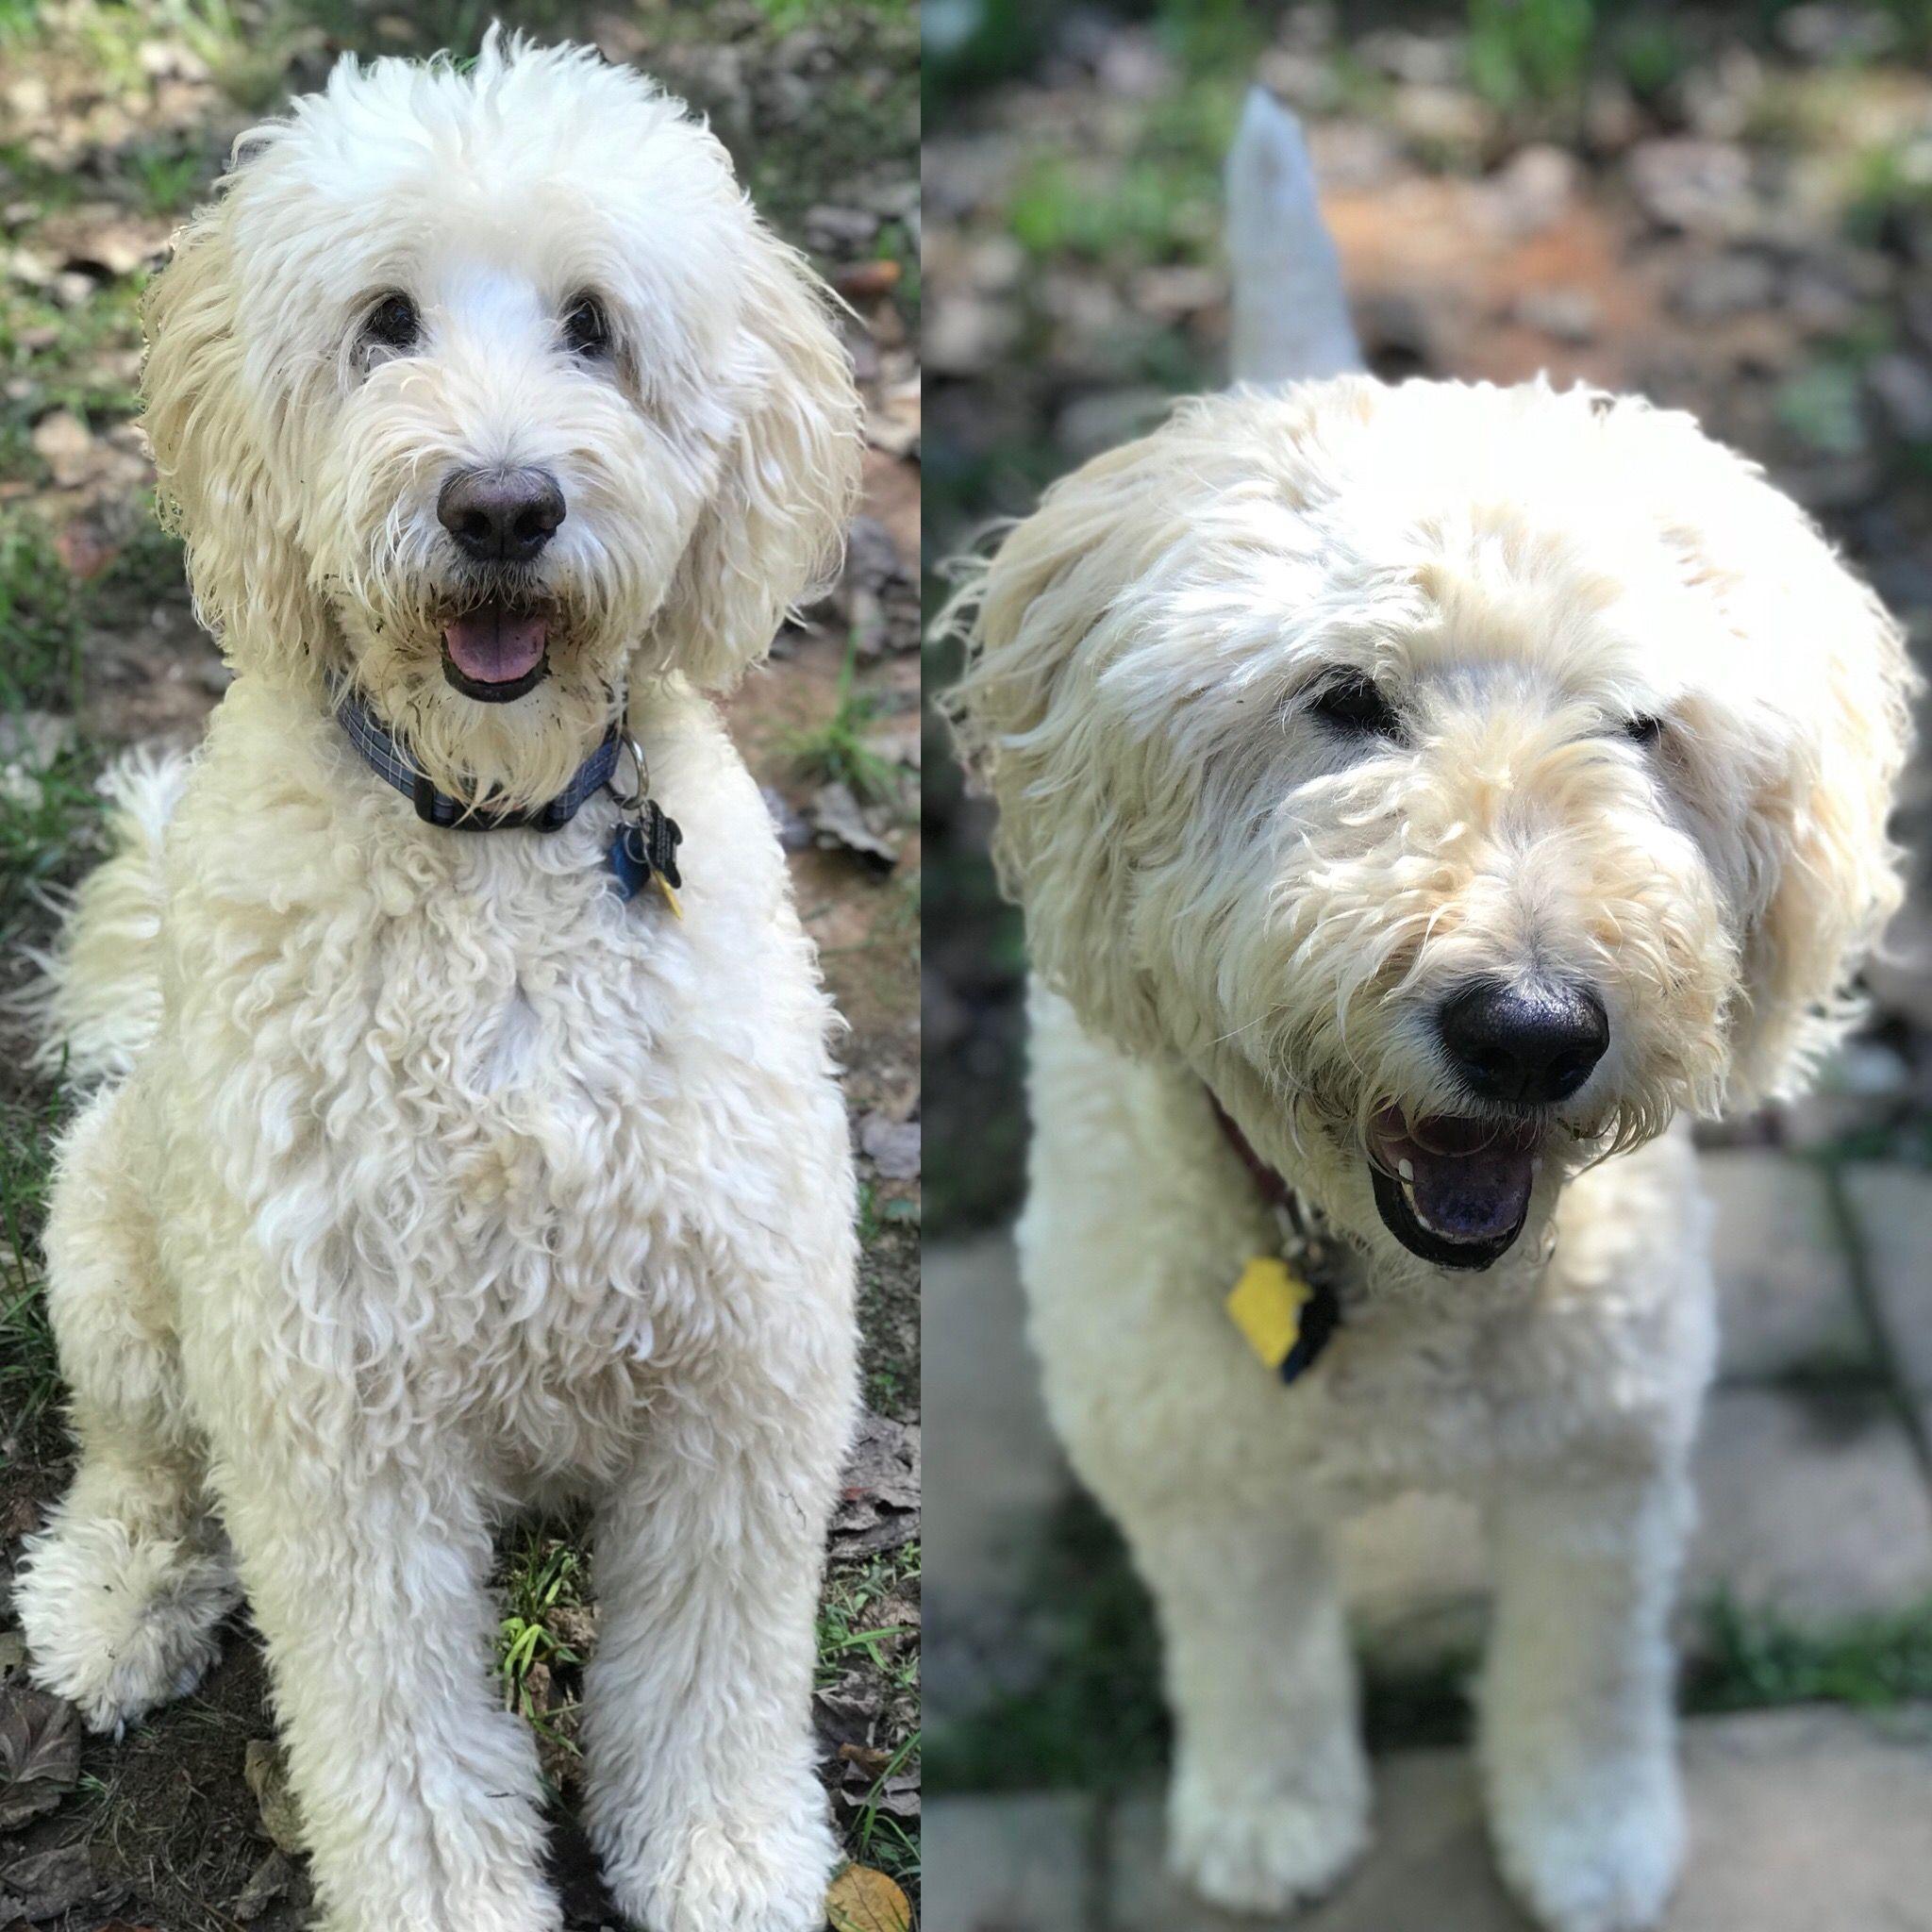 Goldendoodle dog for Adoption in Forest, VA. ADN711250 on